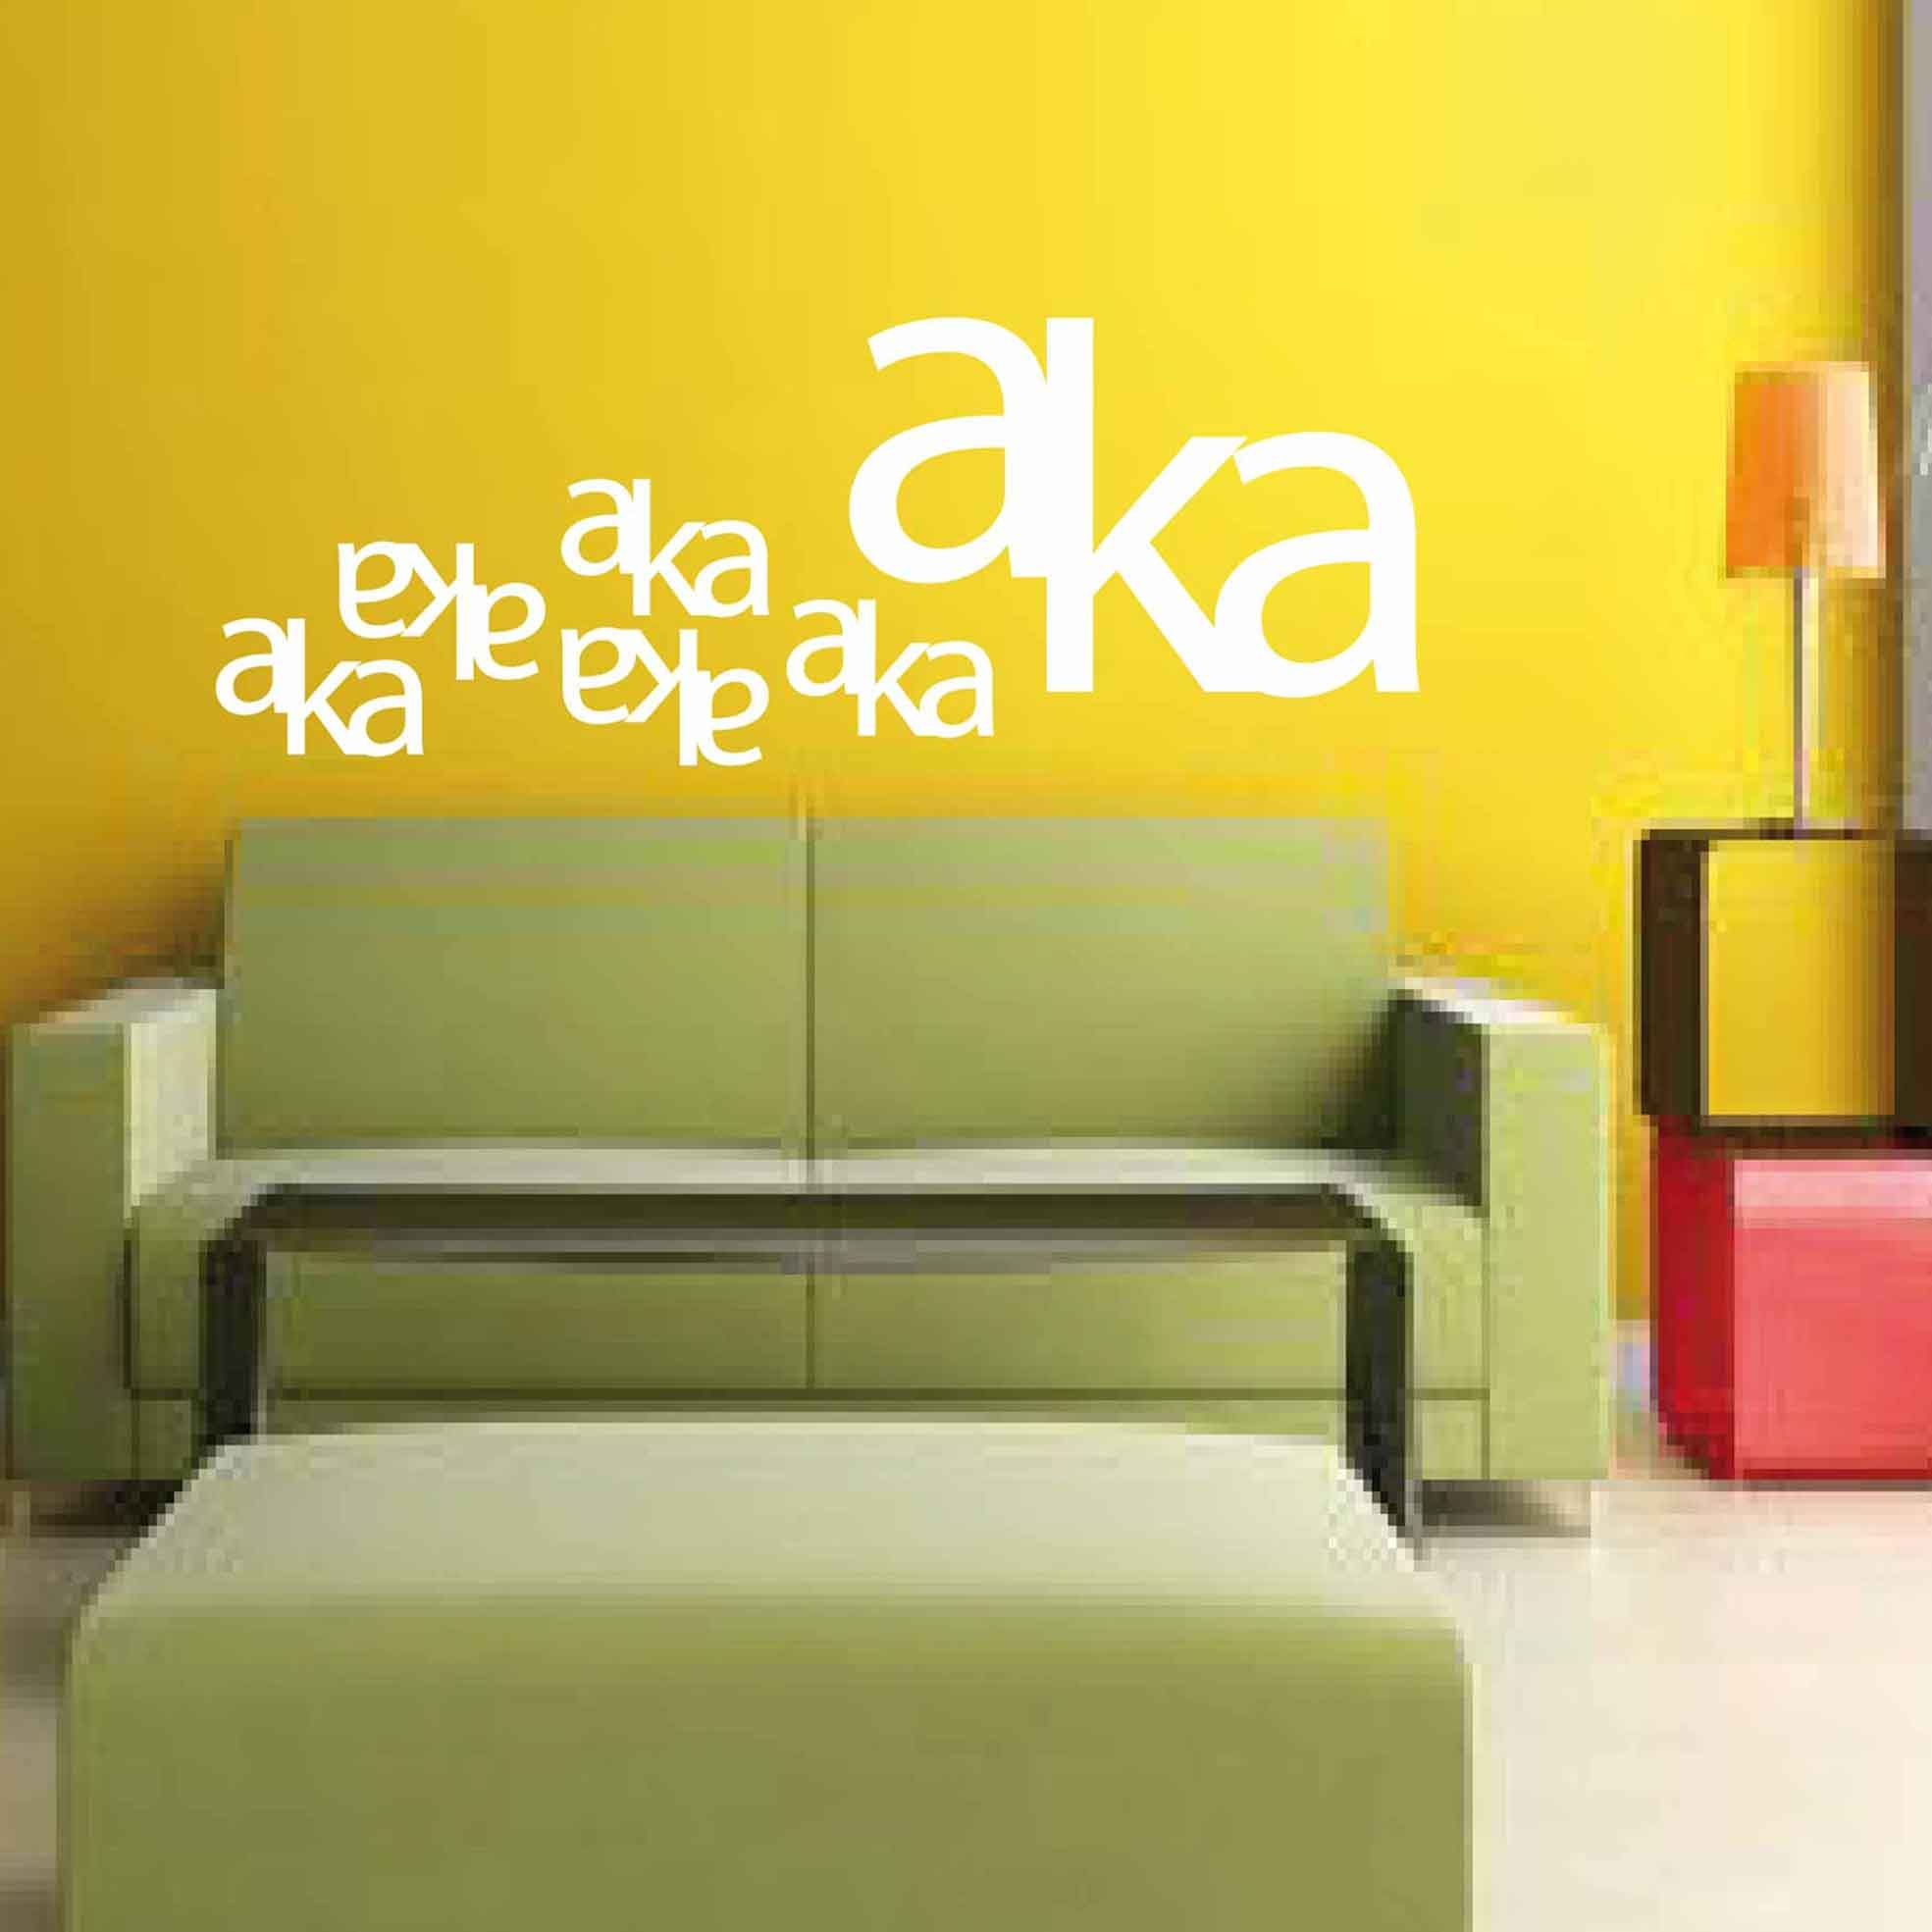 Aka - Wall sticker, wall decor, wall art, door sticker, glass ...